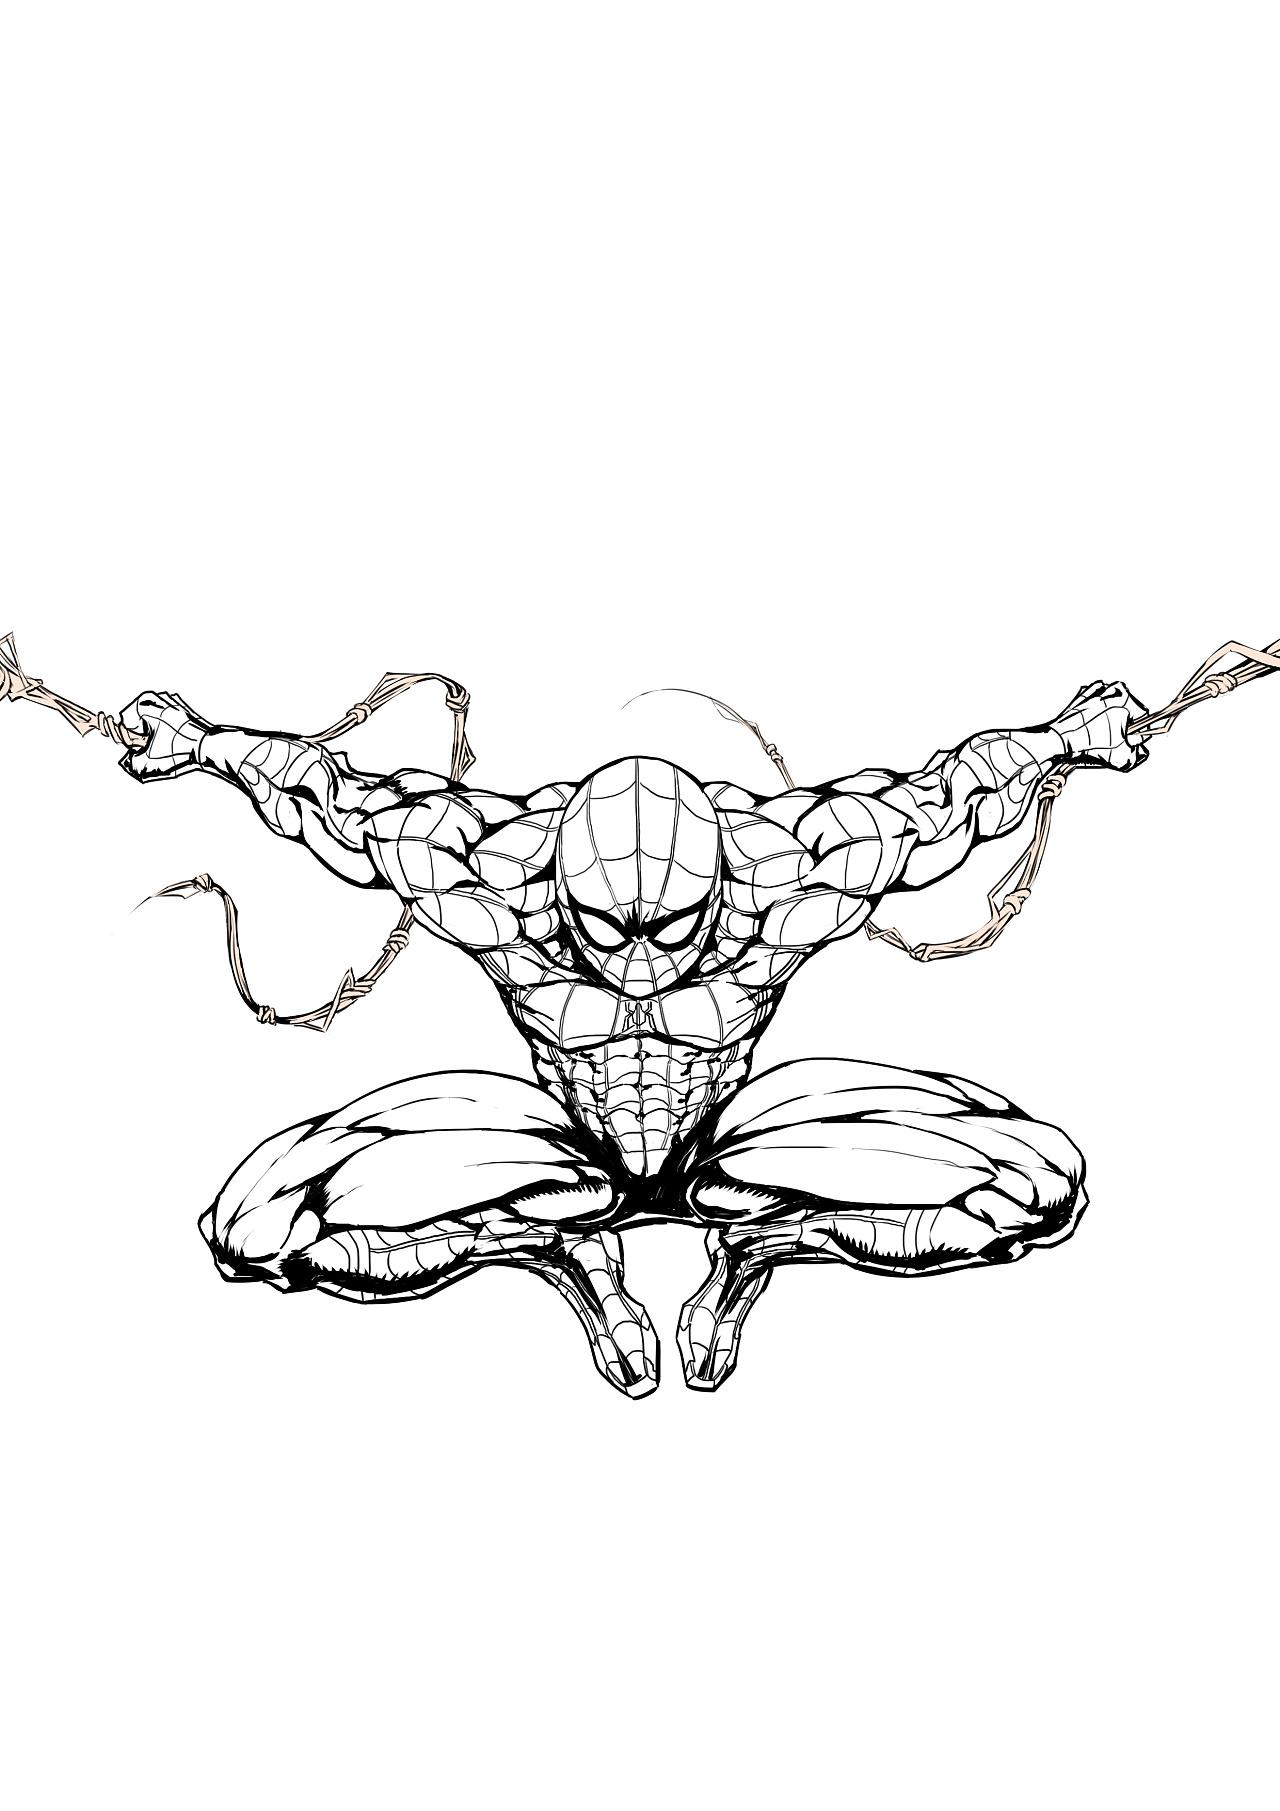 蜘蛛侠-英雄归来 小蜘蛛×钢铁侠×秃鹰图片